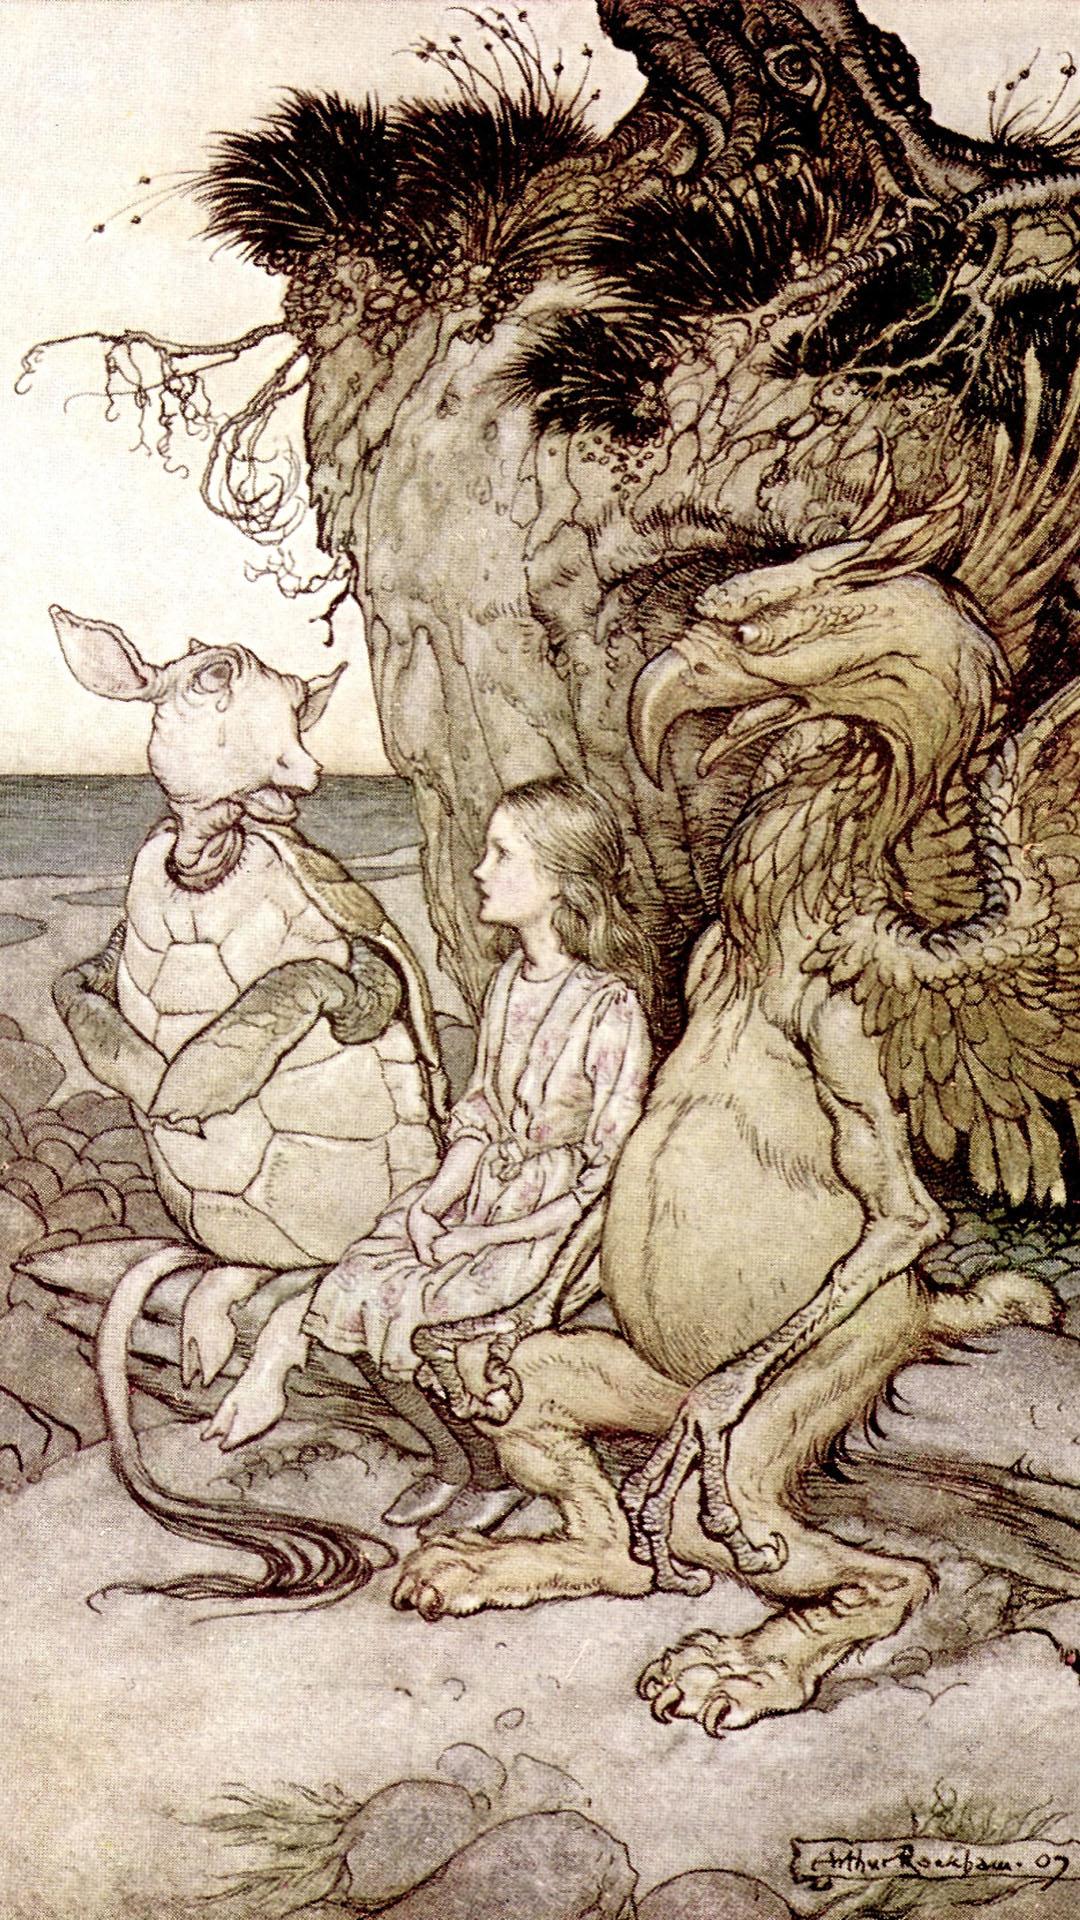 アーサー・ラッカム アリス Arthur Rackham - Alice The Gryphon and the Mock Turtle 1080x1920